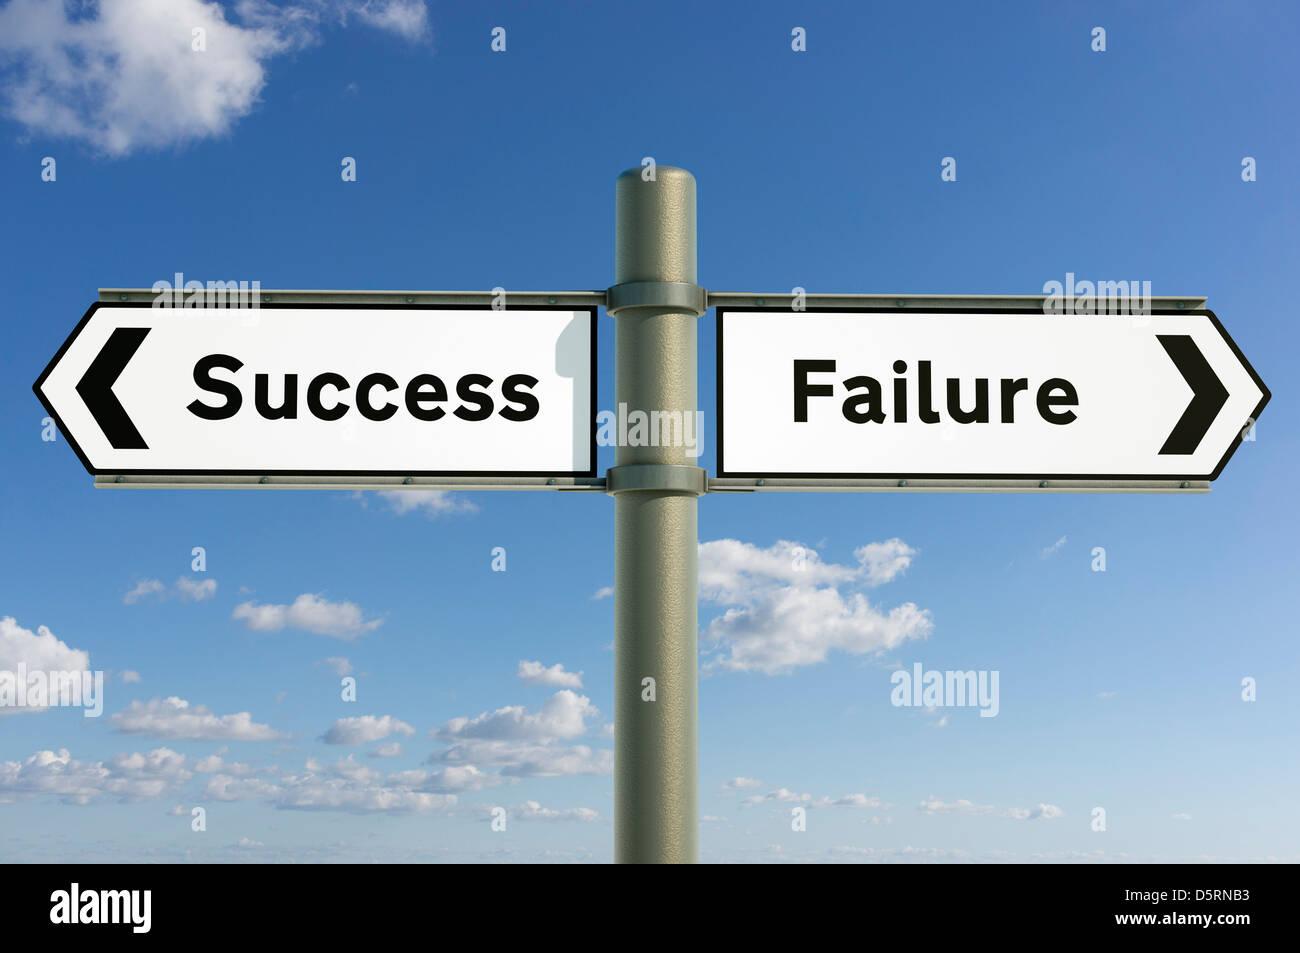 Erfolg, Fehler, leben Entscheidung Entscheidungen zukünftige Konzept Zeichen Stockbild